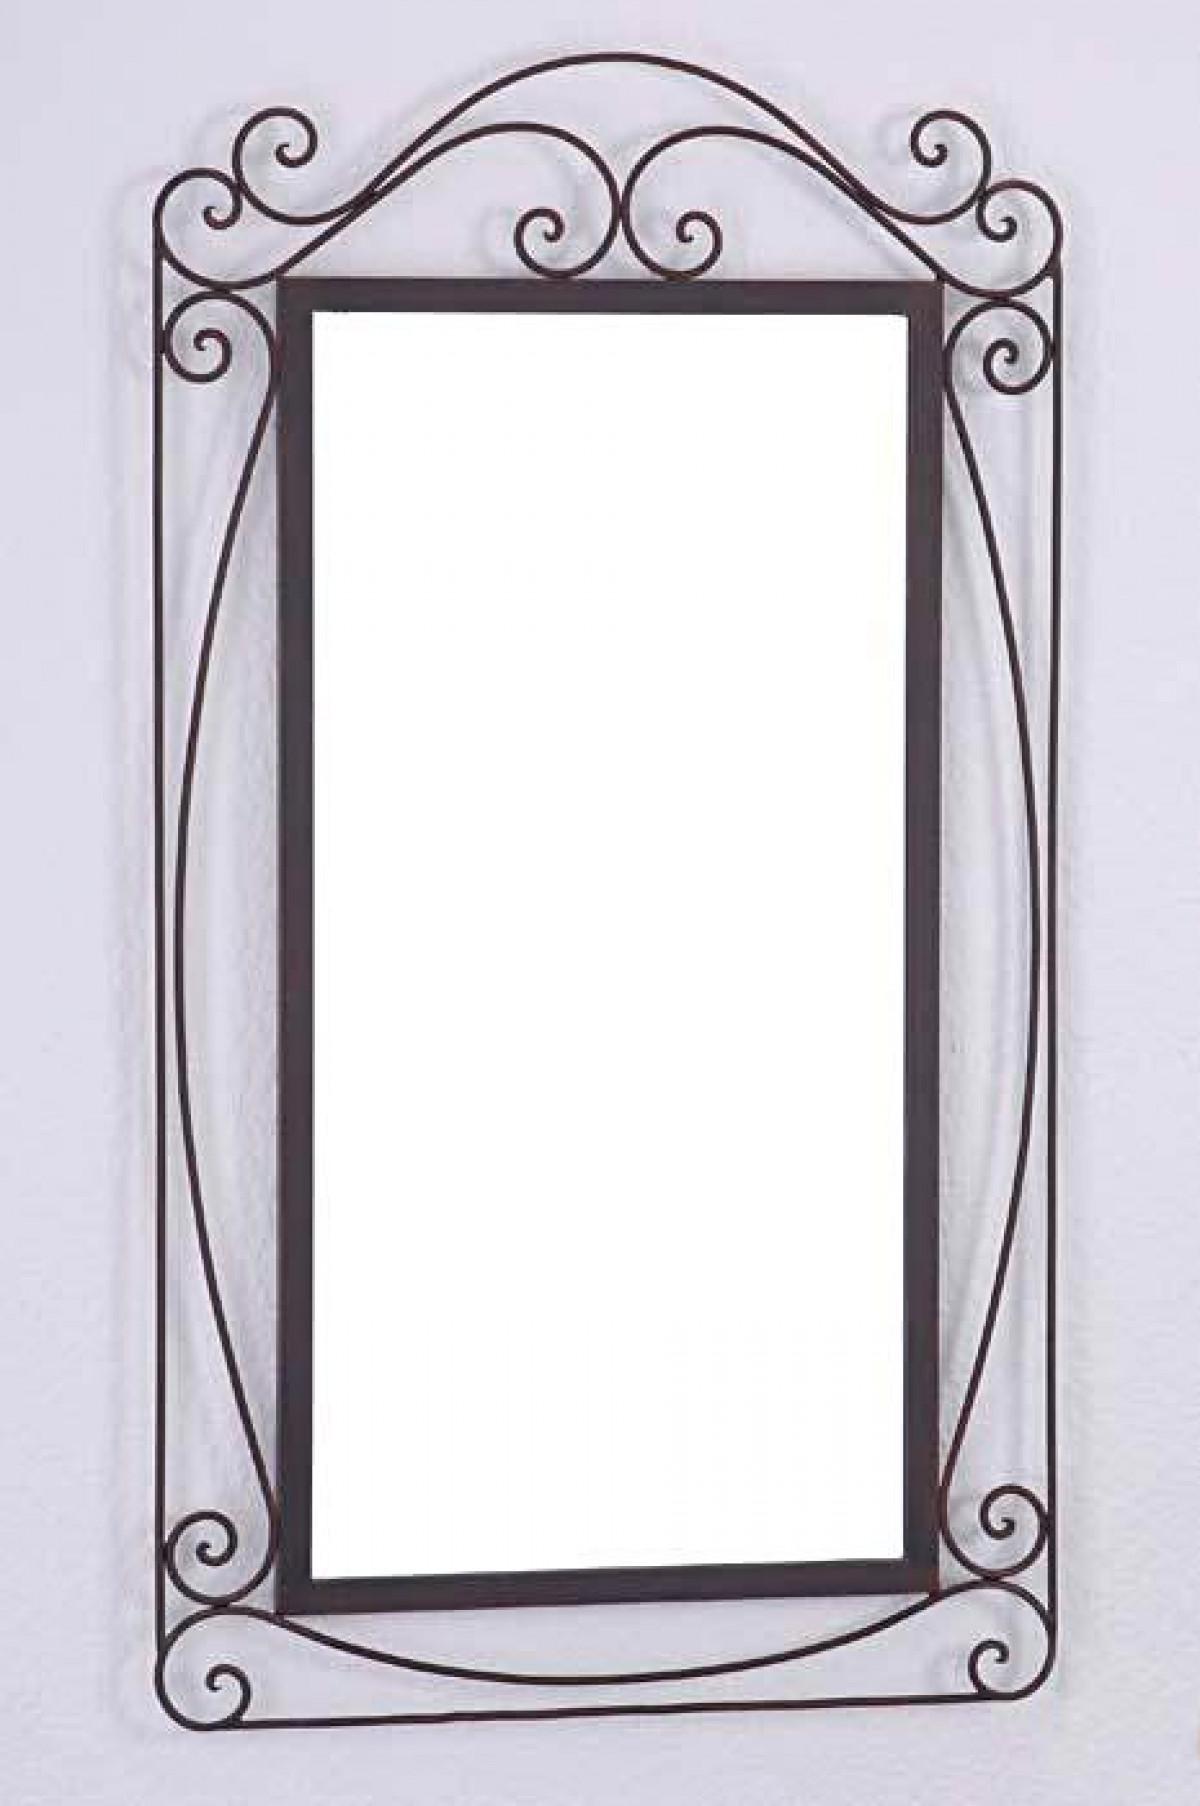 miroir fer forge artisanal arabesque